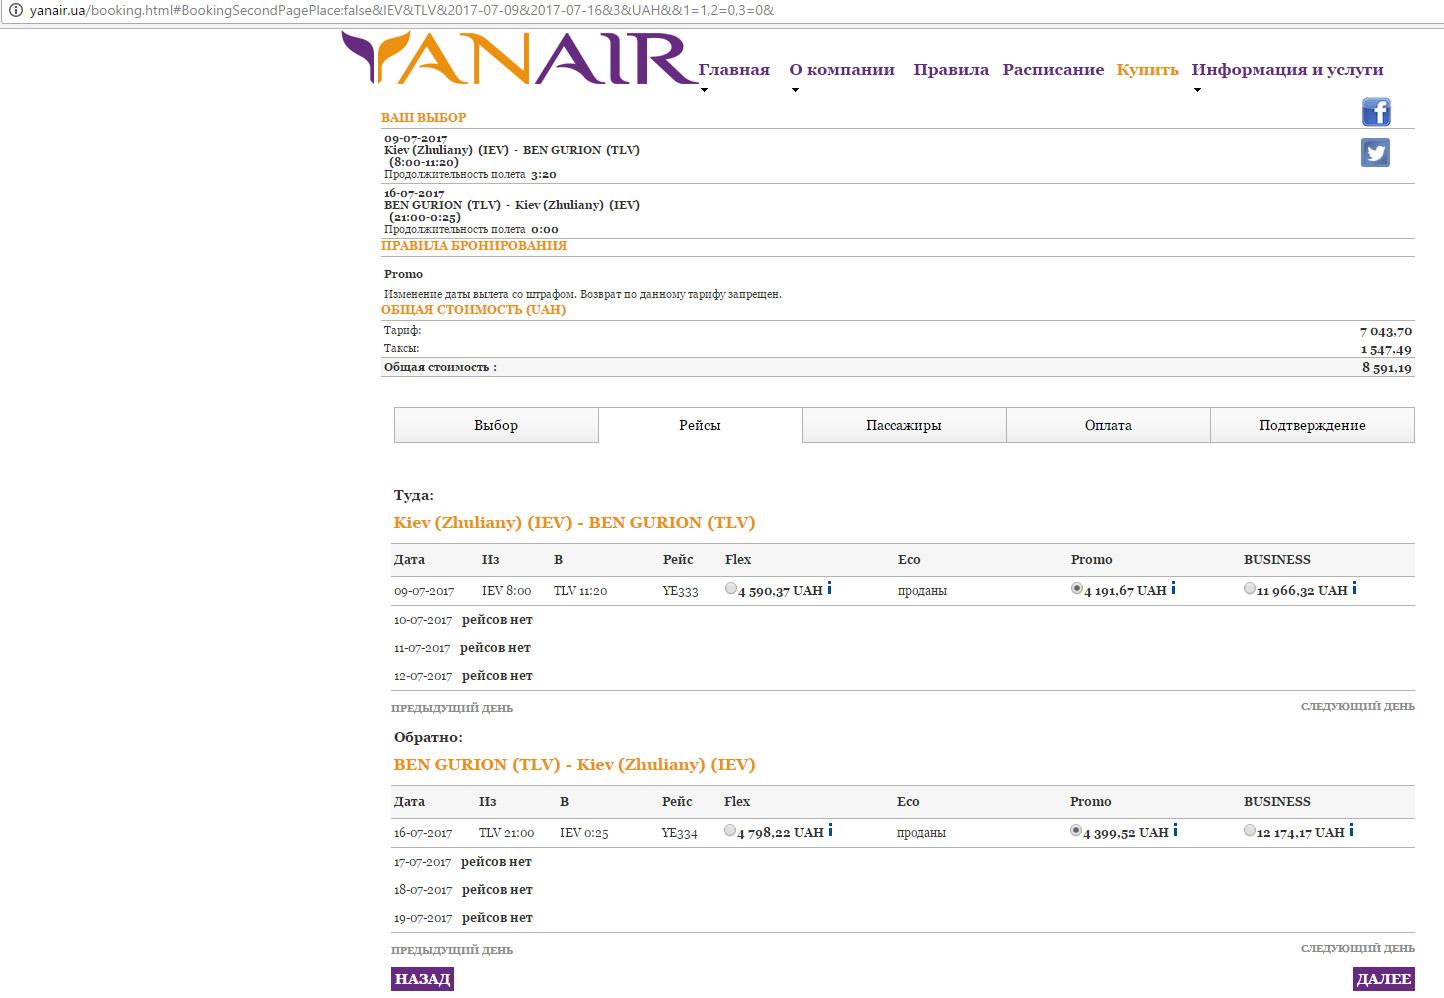 Купить авиабилеты киев-тель-авив билет на самолет оренбург краснодар